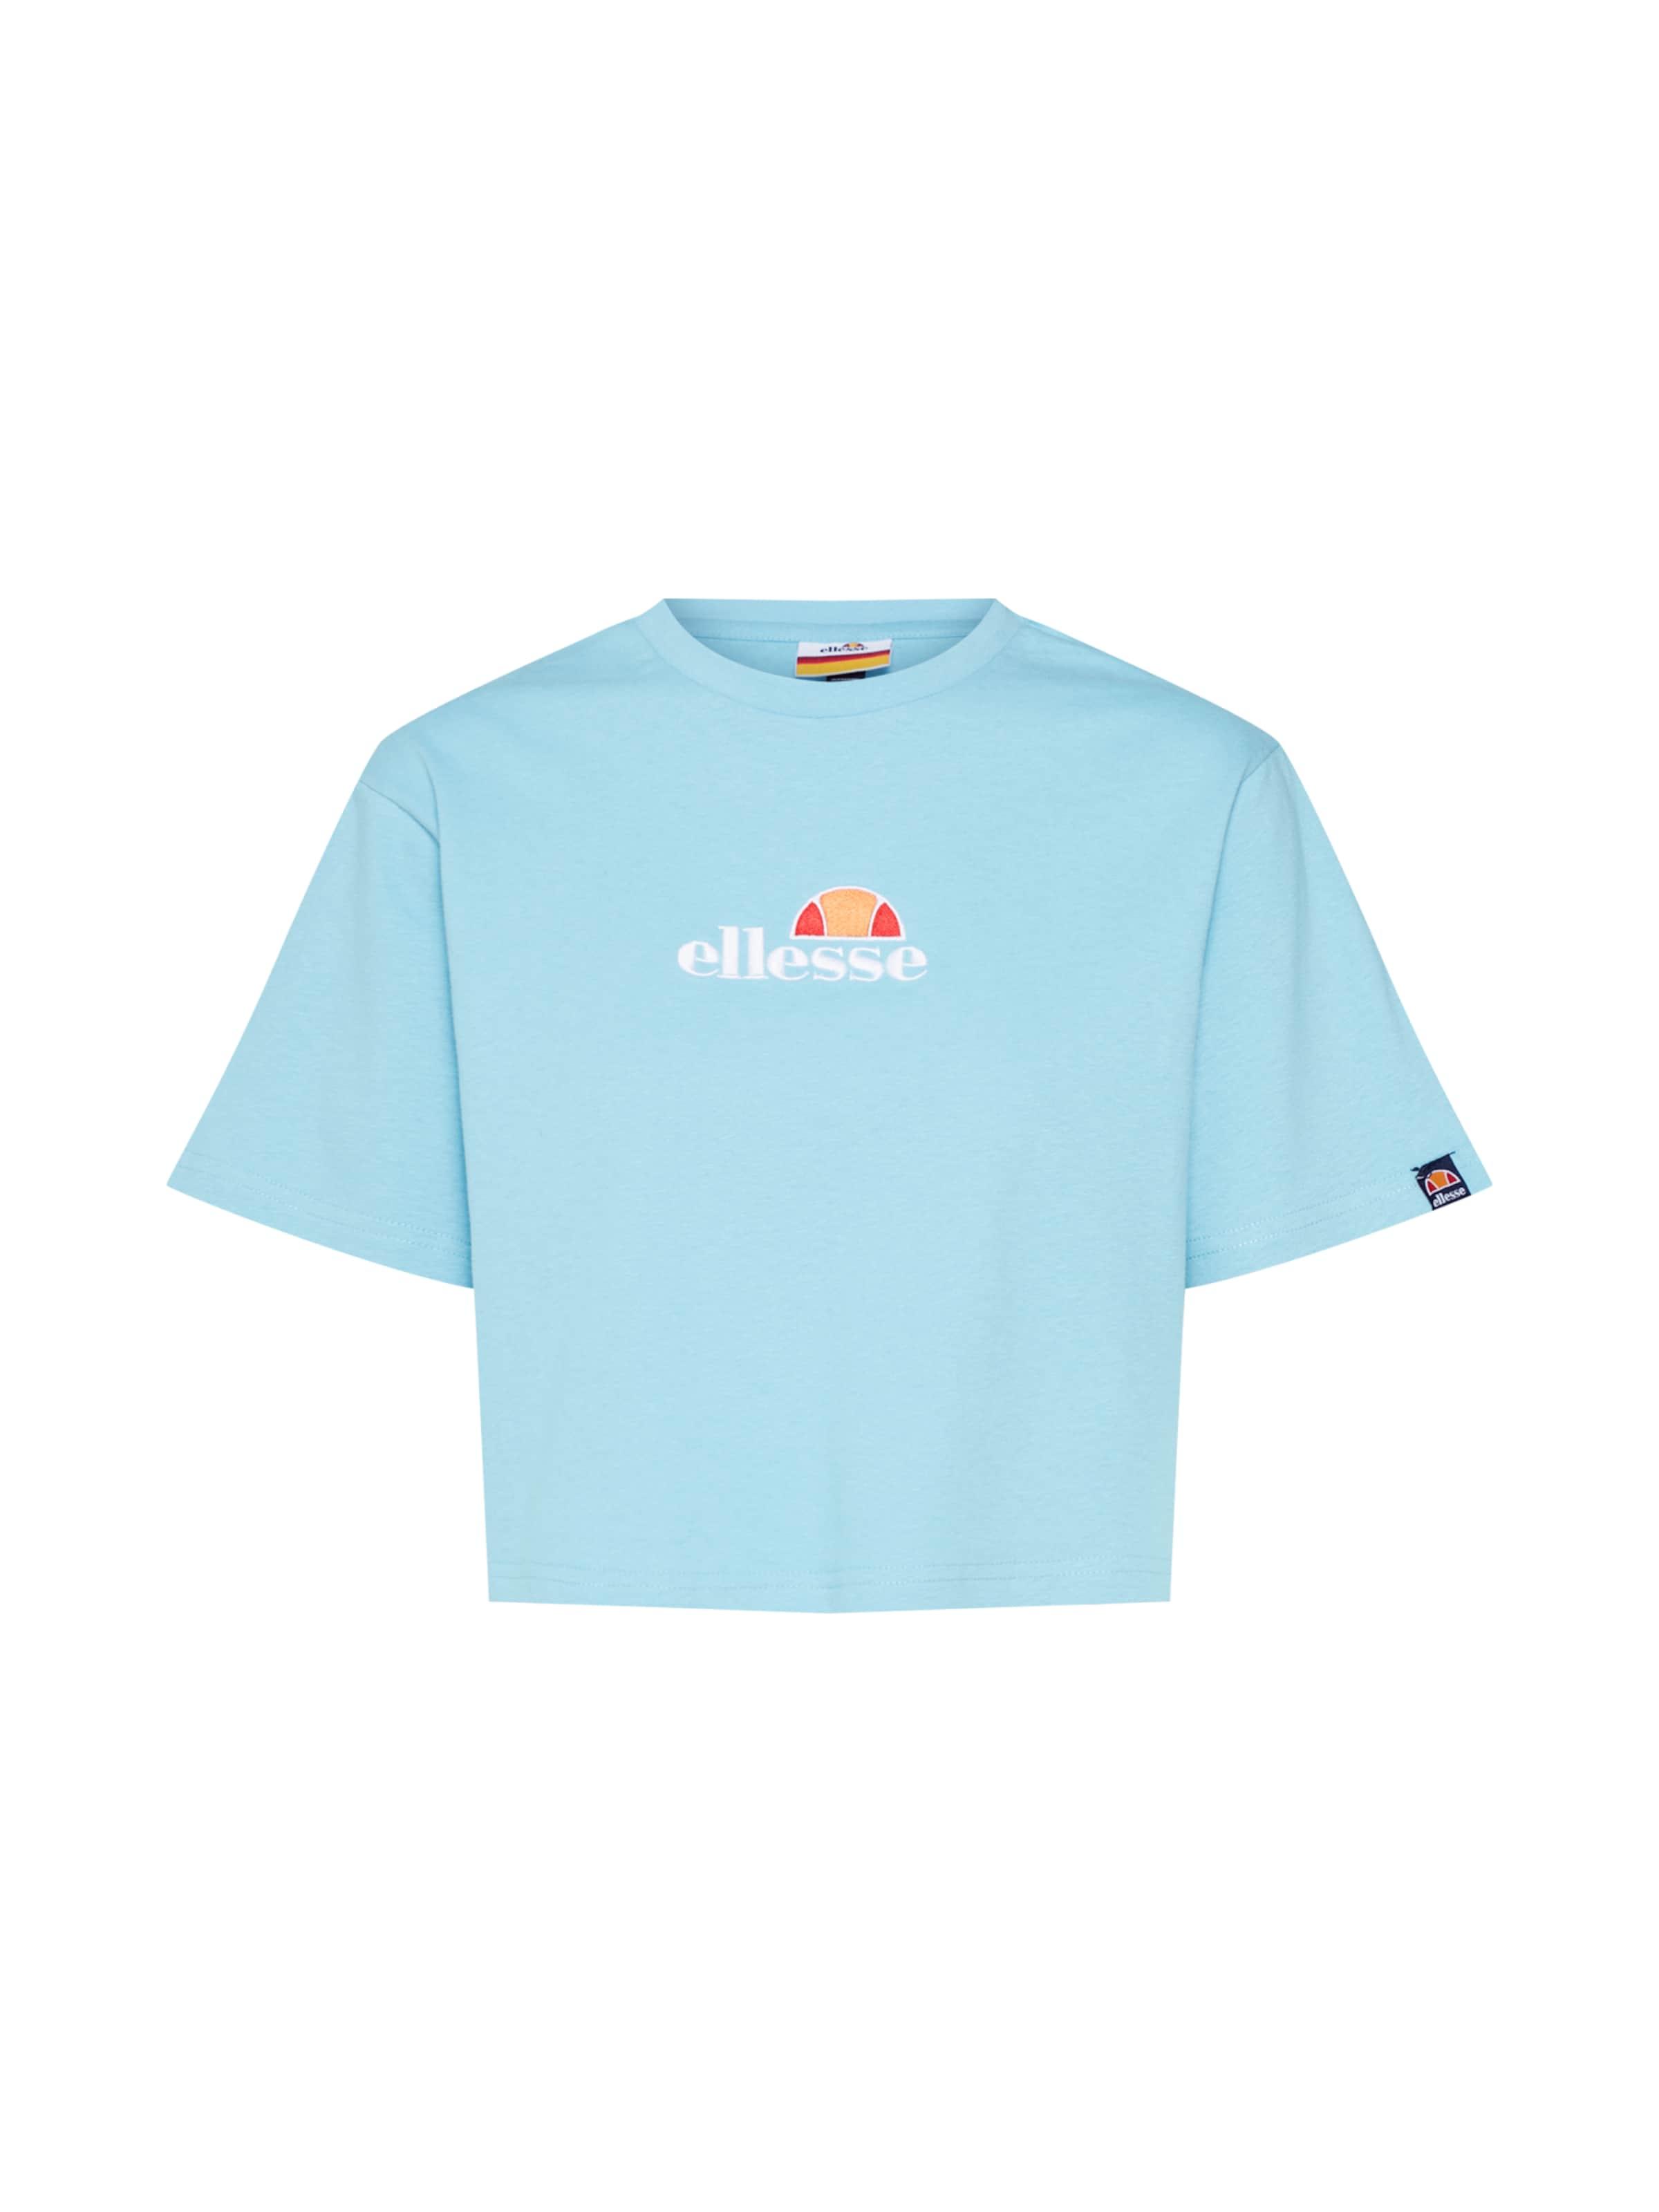 shirt 'fireball' Rot HellblauOrange T In Weiß Ellesse jcAS3Rq54L